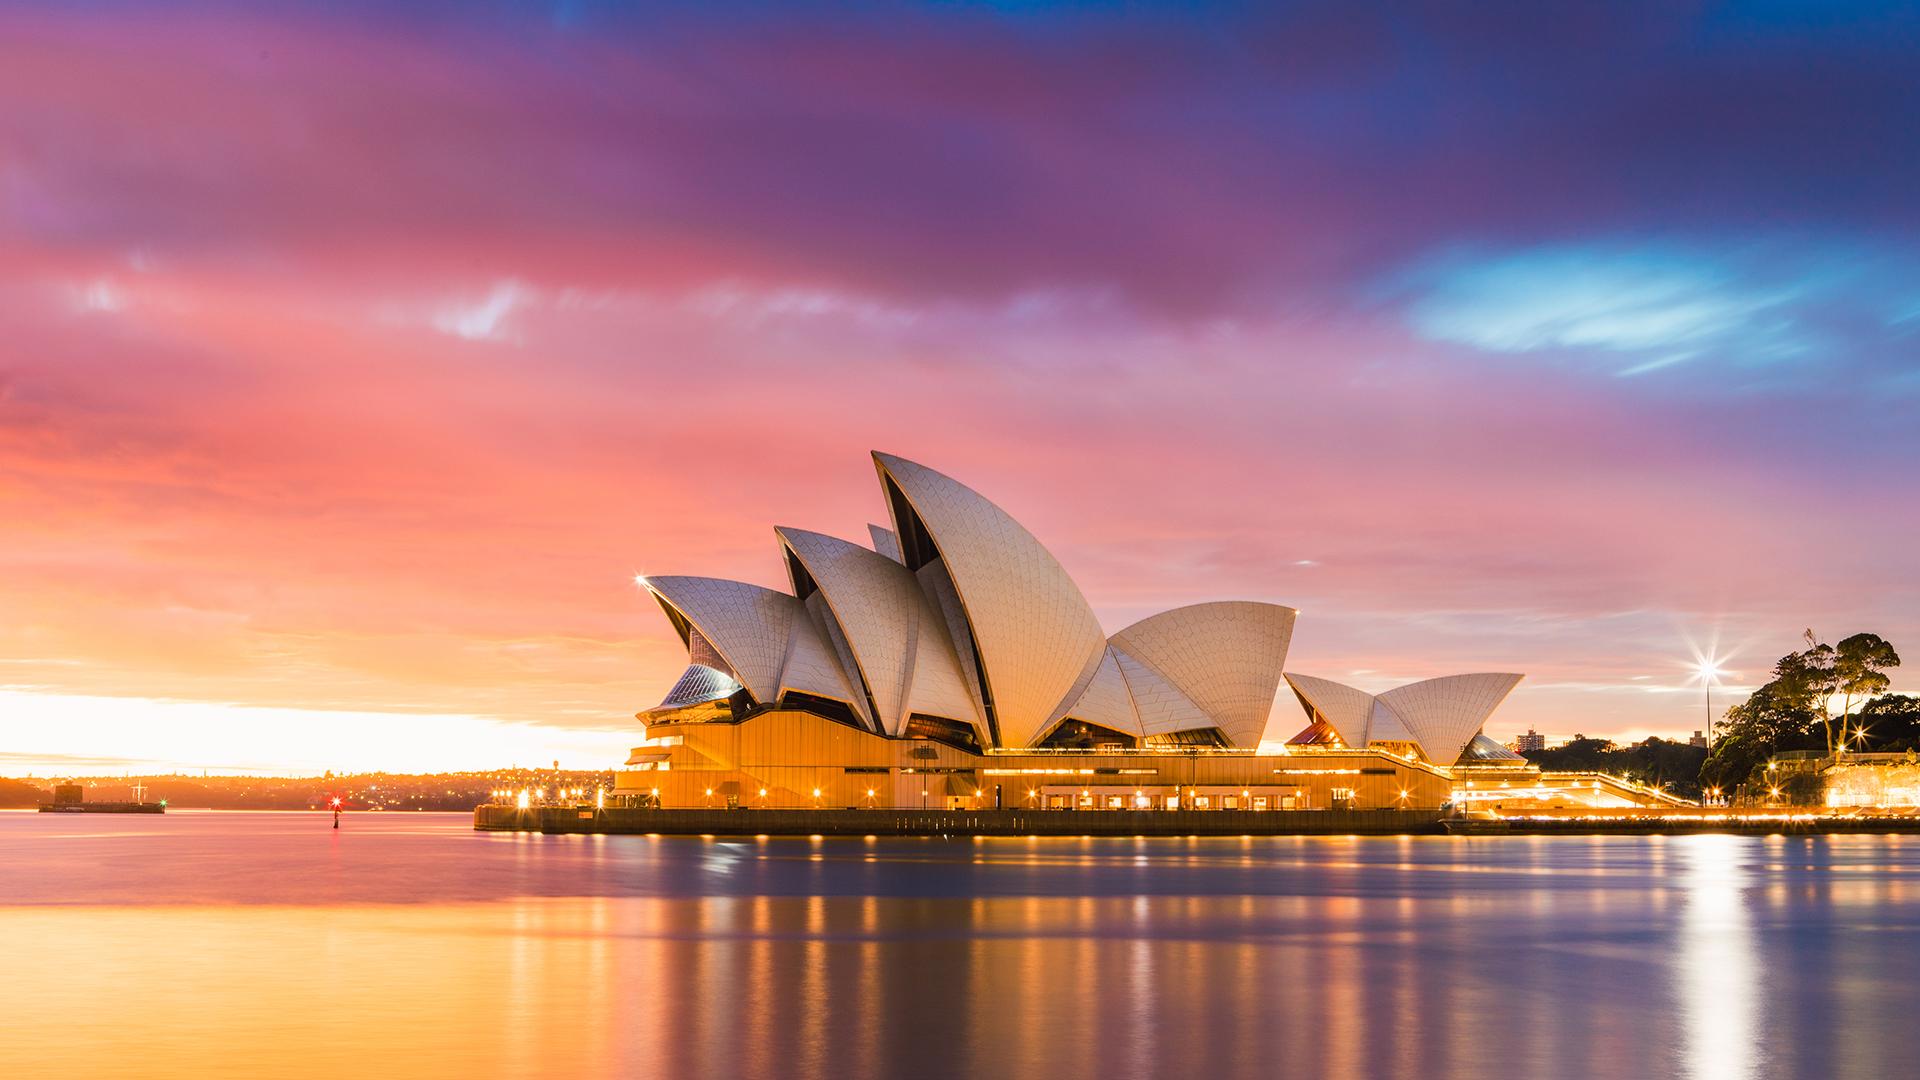 Ausztrália 2022 végéig zárva tarthatja a határait